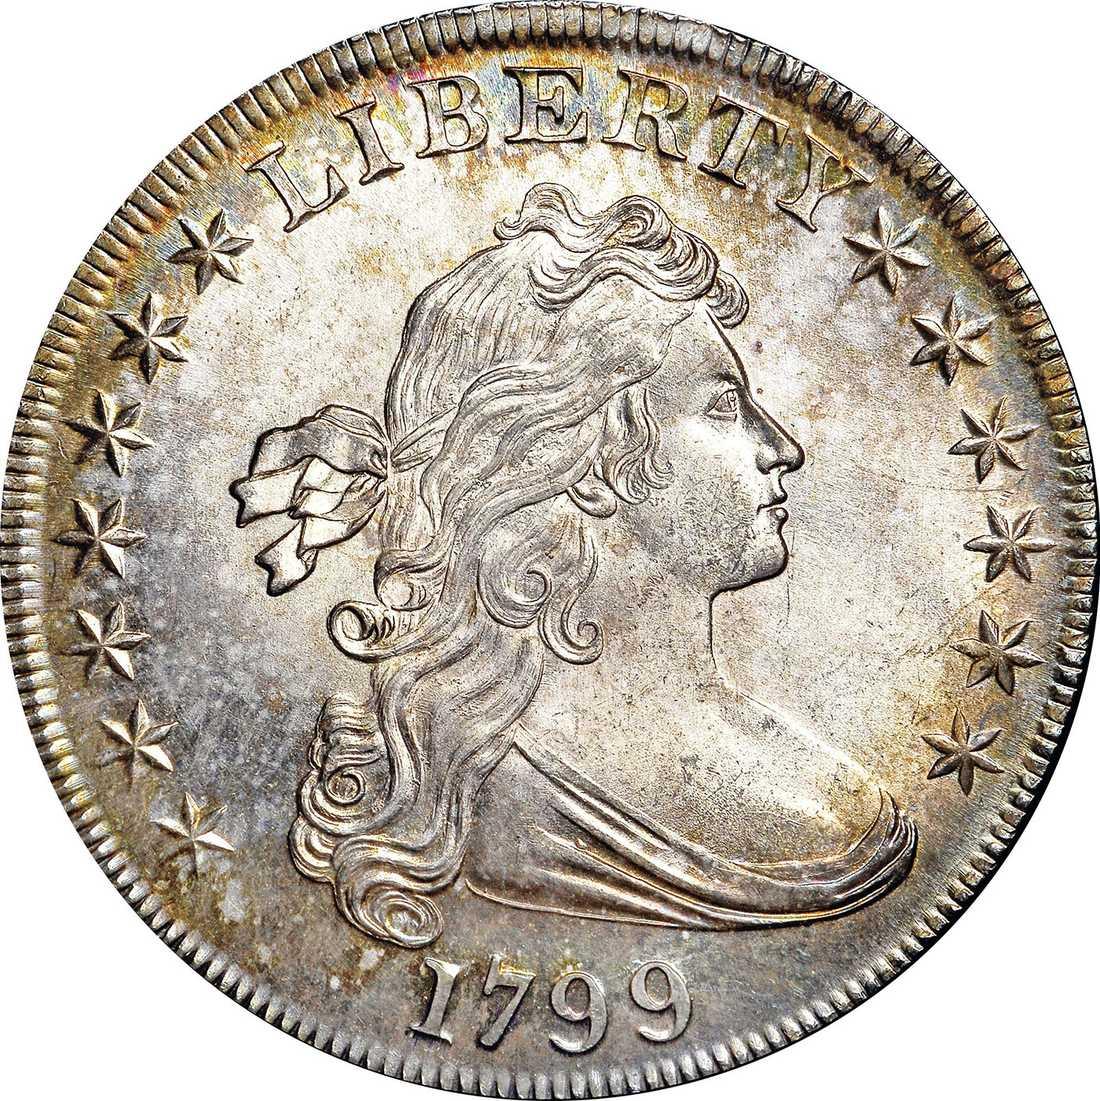 Ett dollarmynt från 1799 såldes för omkring 822 000 dollar.